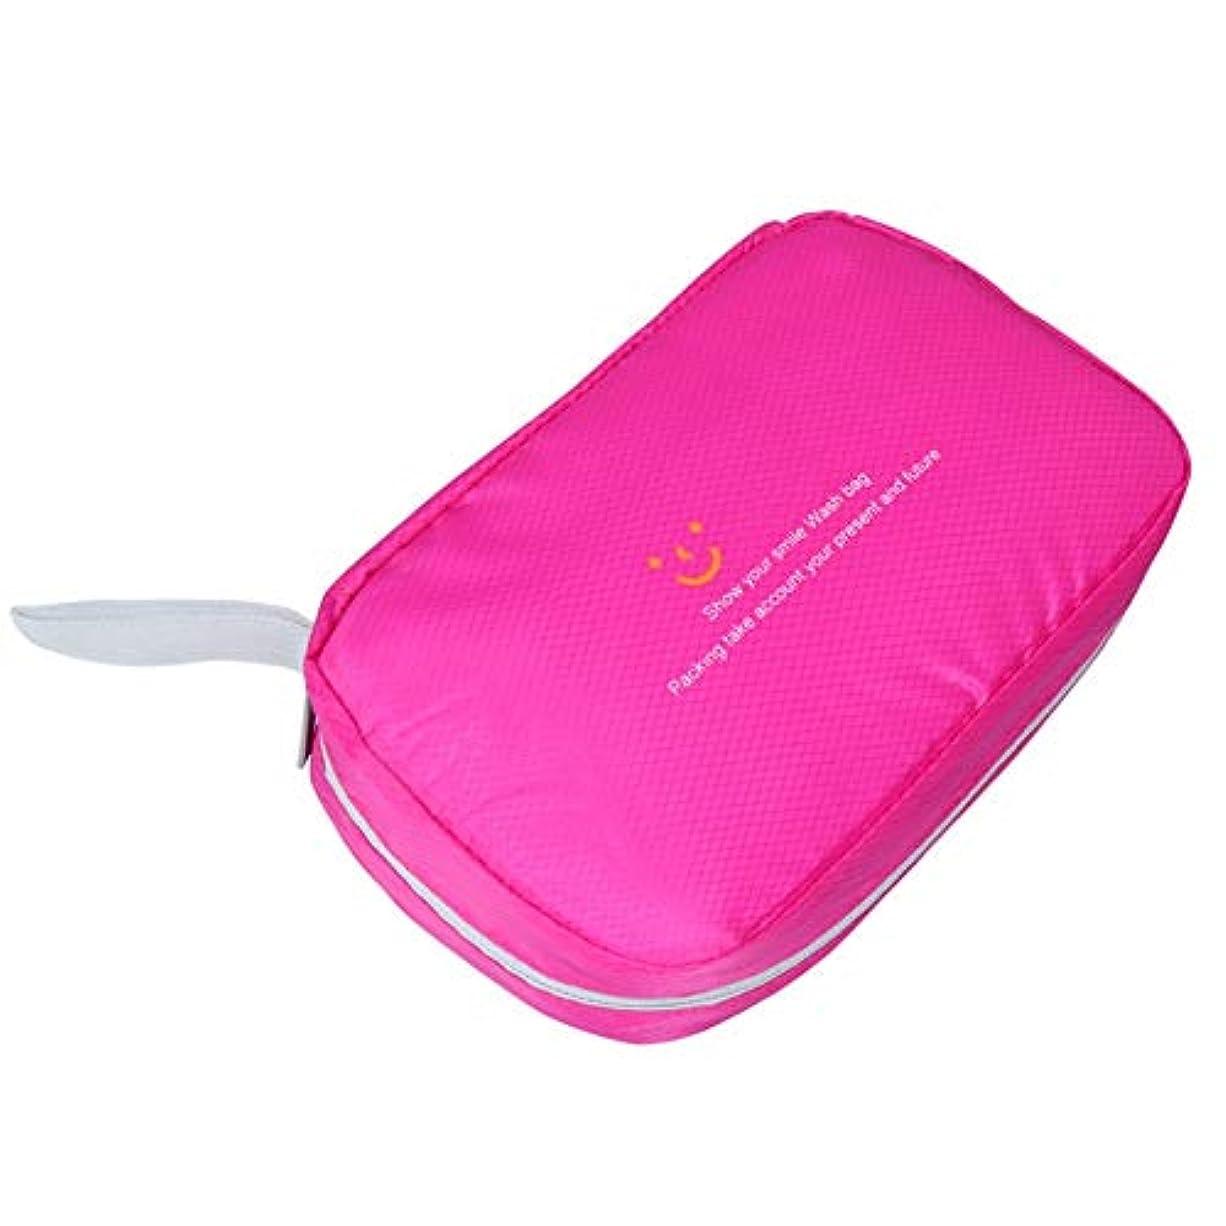 危険にさらされている文化資本主義特大スペース収納ビューティーボックス 美の構造のためそしてジッパーおよび折る皿が付いている女の子の女性旅行そして毎日の貯蔵のための高容量の携帯用化粧品袋 化粧品化粧台 (色 : ピンク)